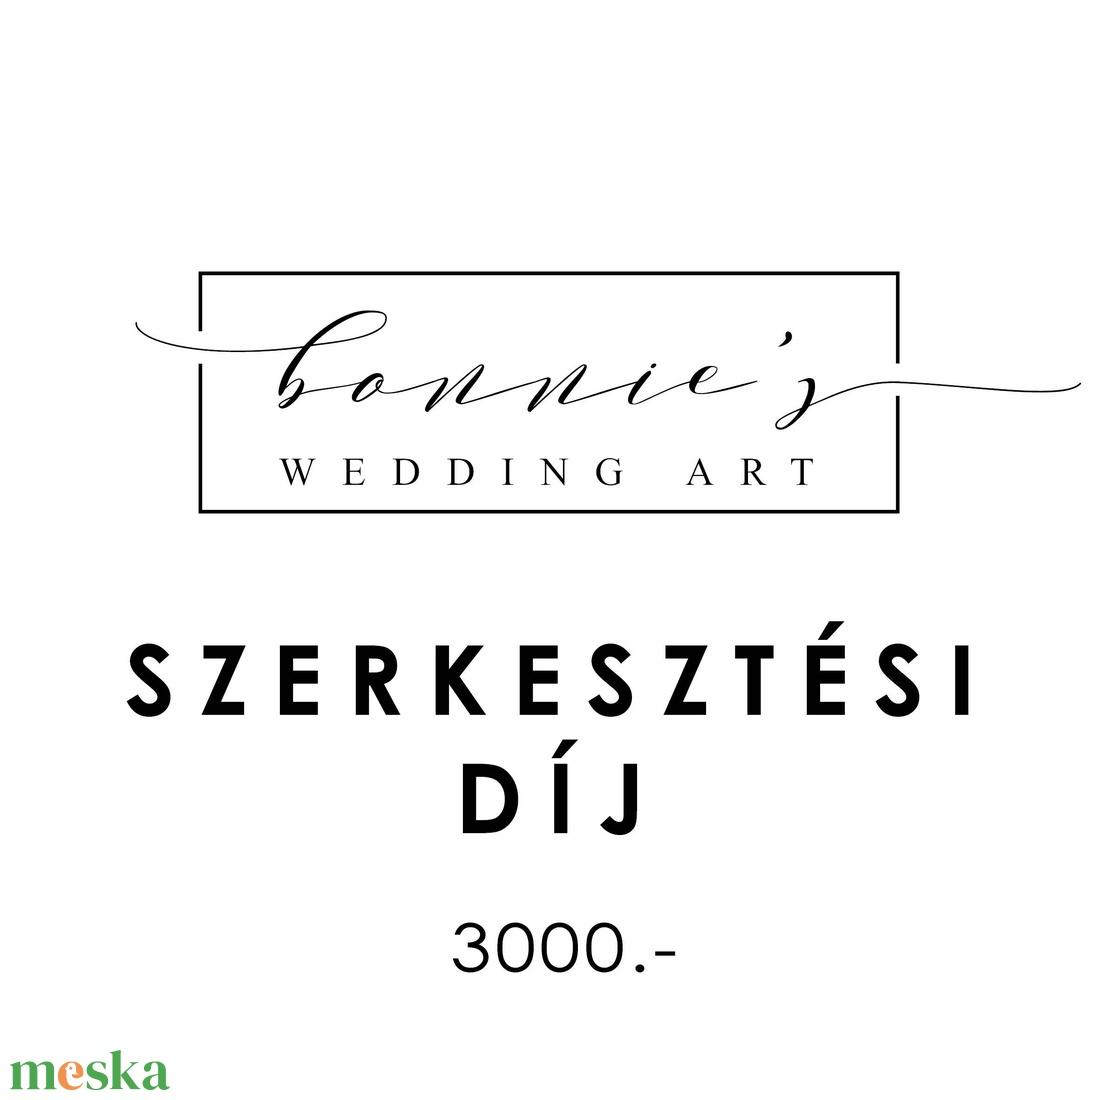 Szerkesztési díj 3000 (bonniesweddingart) - Meska.hu